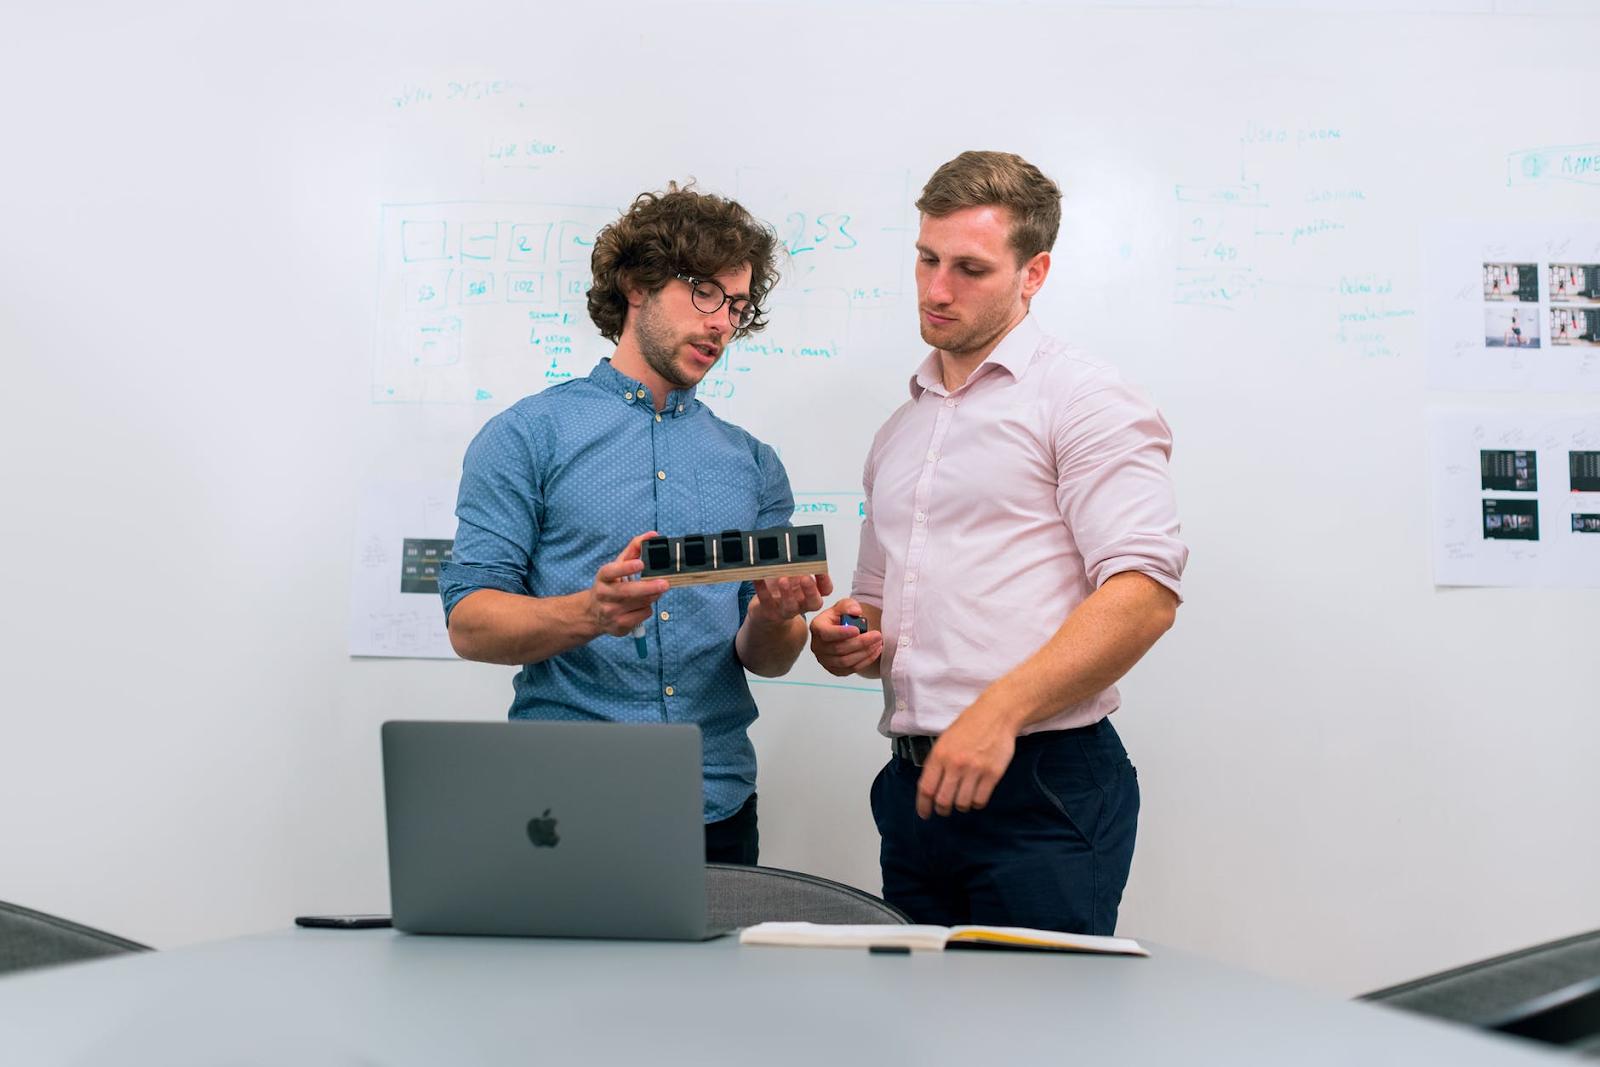 Homem mostrando para outro um projeto - levantamento de requisitos de software